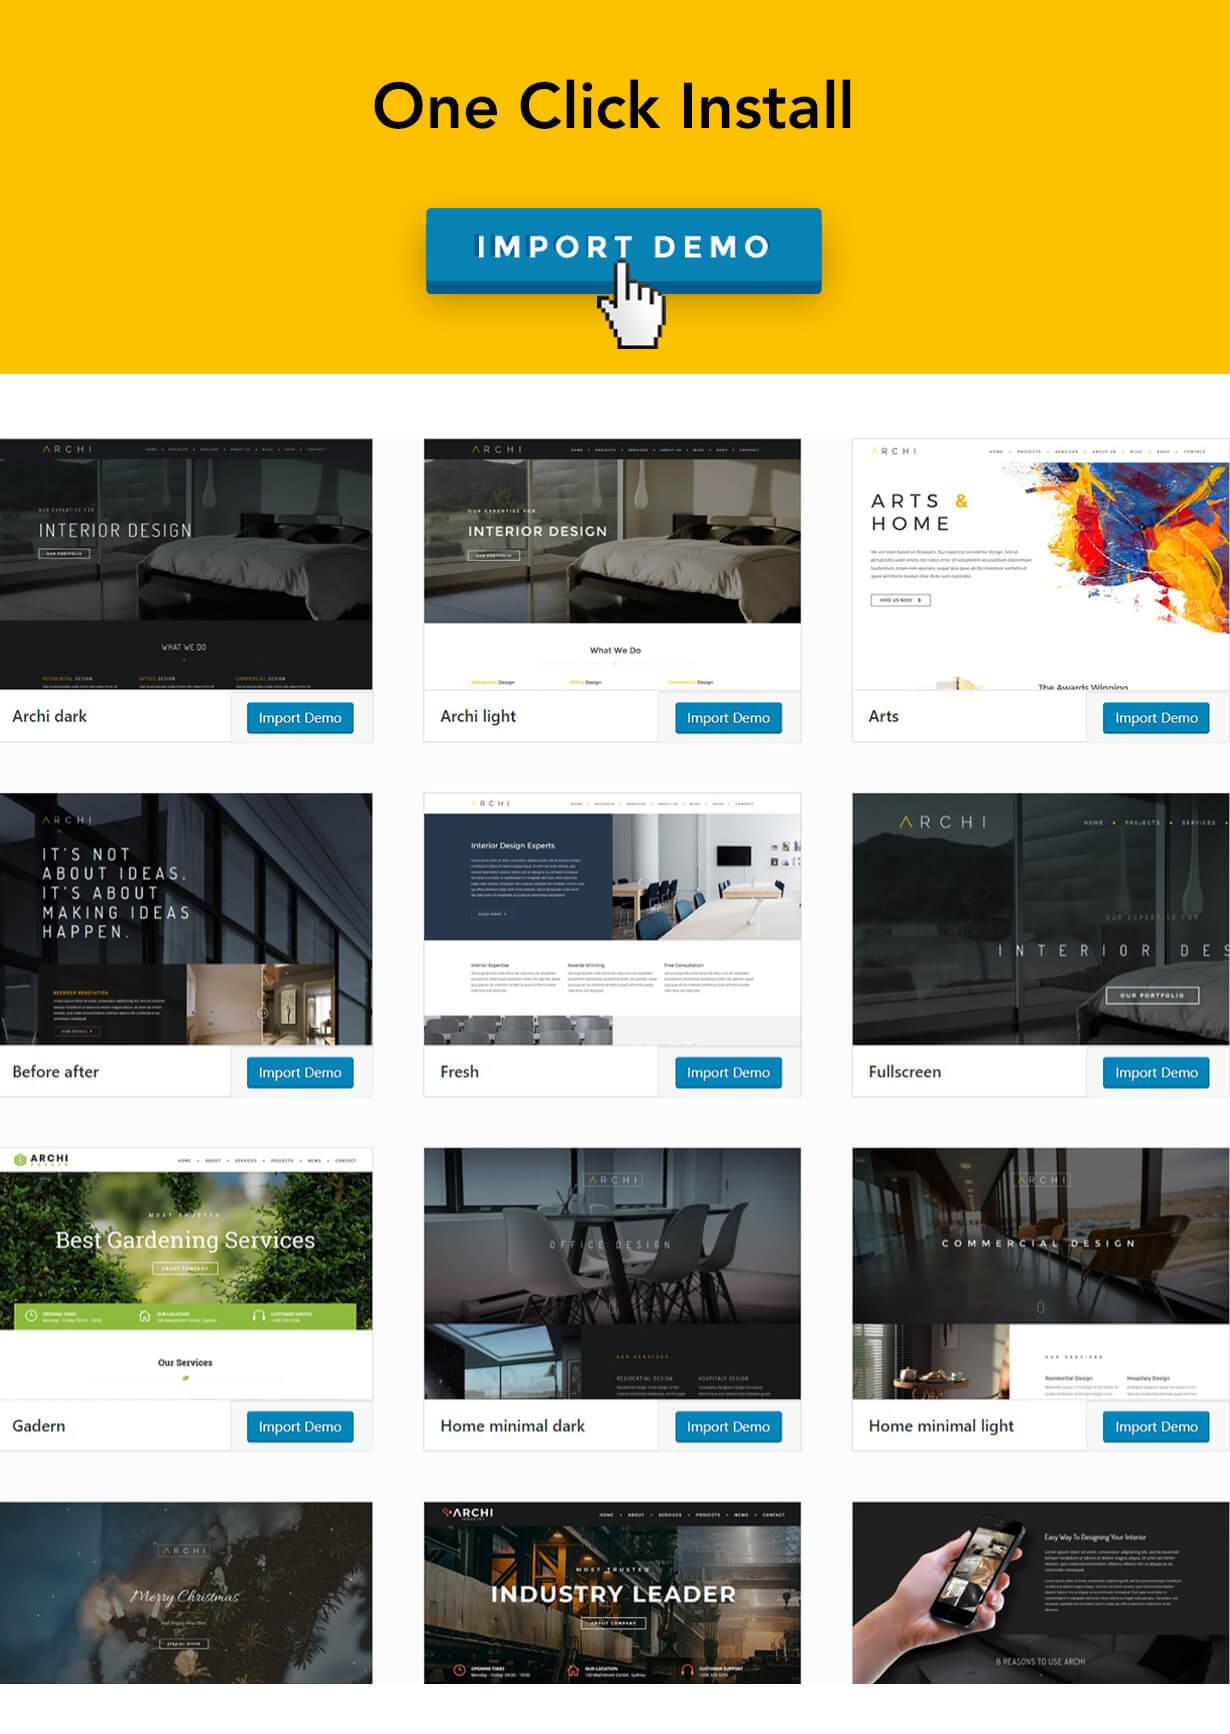 现代多用途室内设计风格WordPress主题模板 Archi – Interior Design WordPress Theme插图(9)